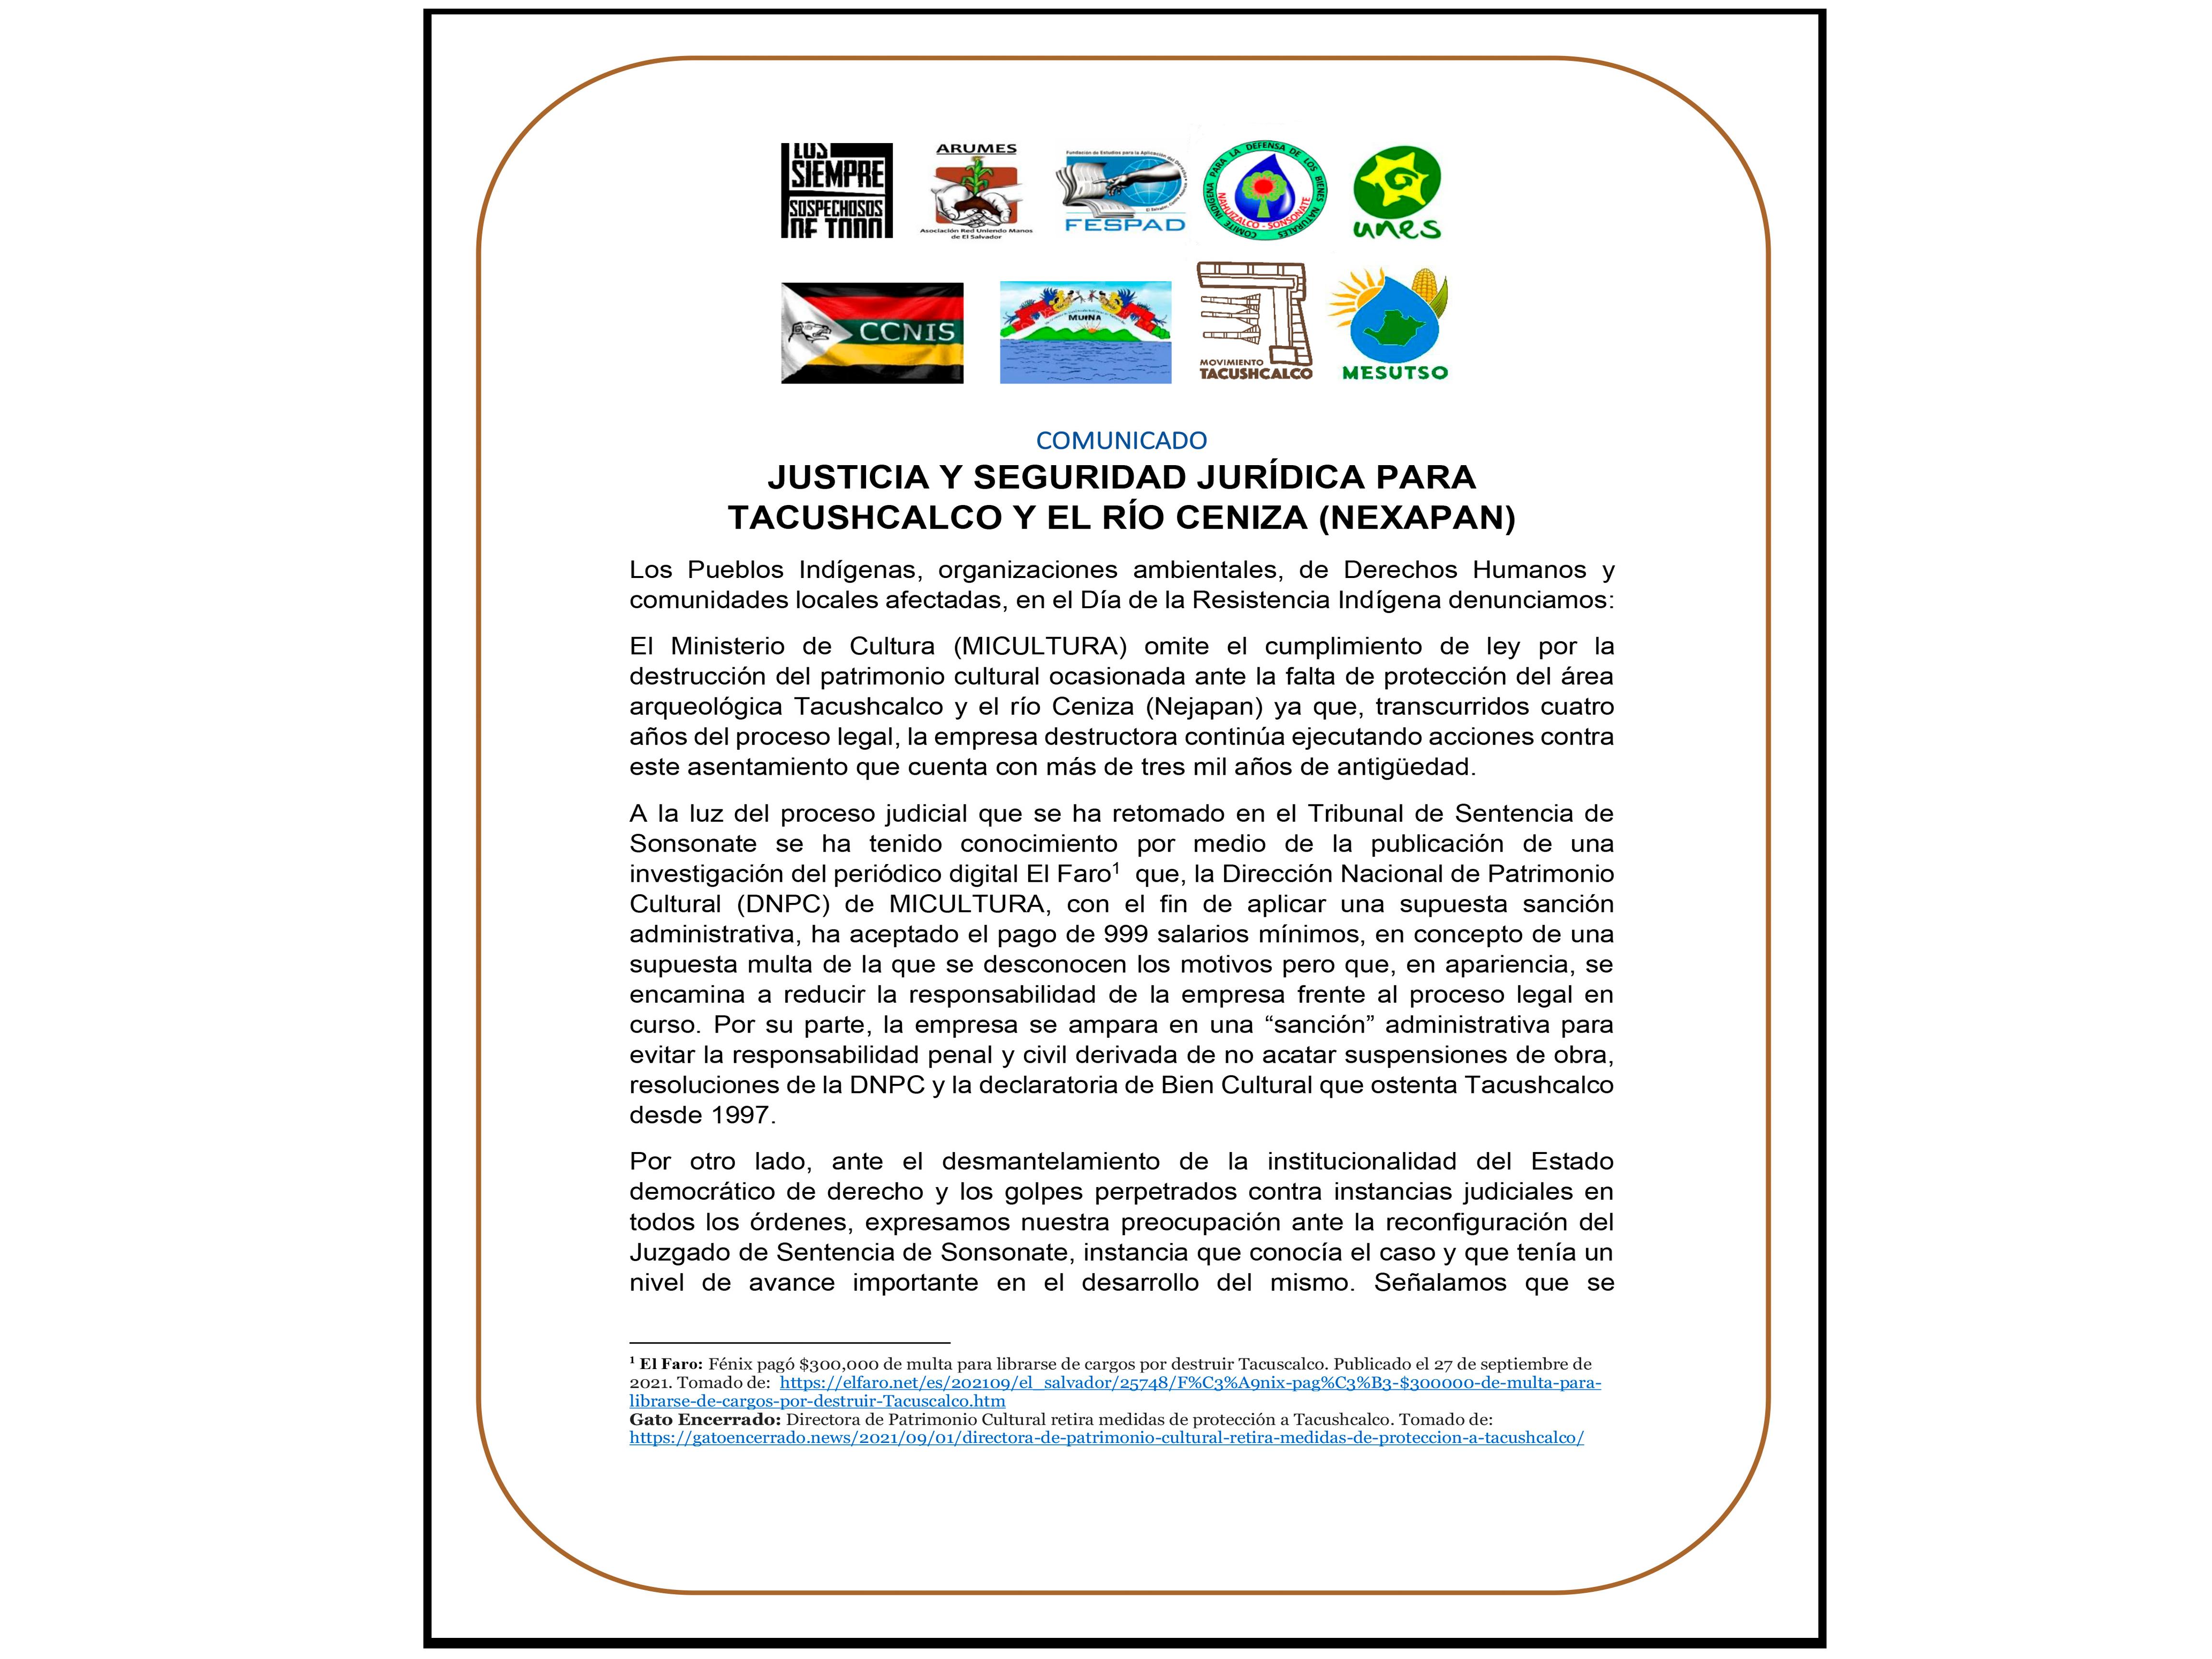 Comunicado: Justicia y seguridad jurídica para Tacushcalco y el Río Ceniza (Nexapan)